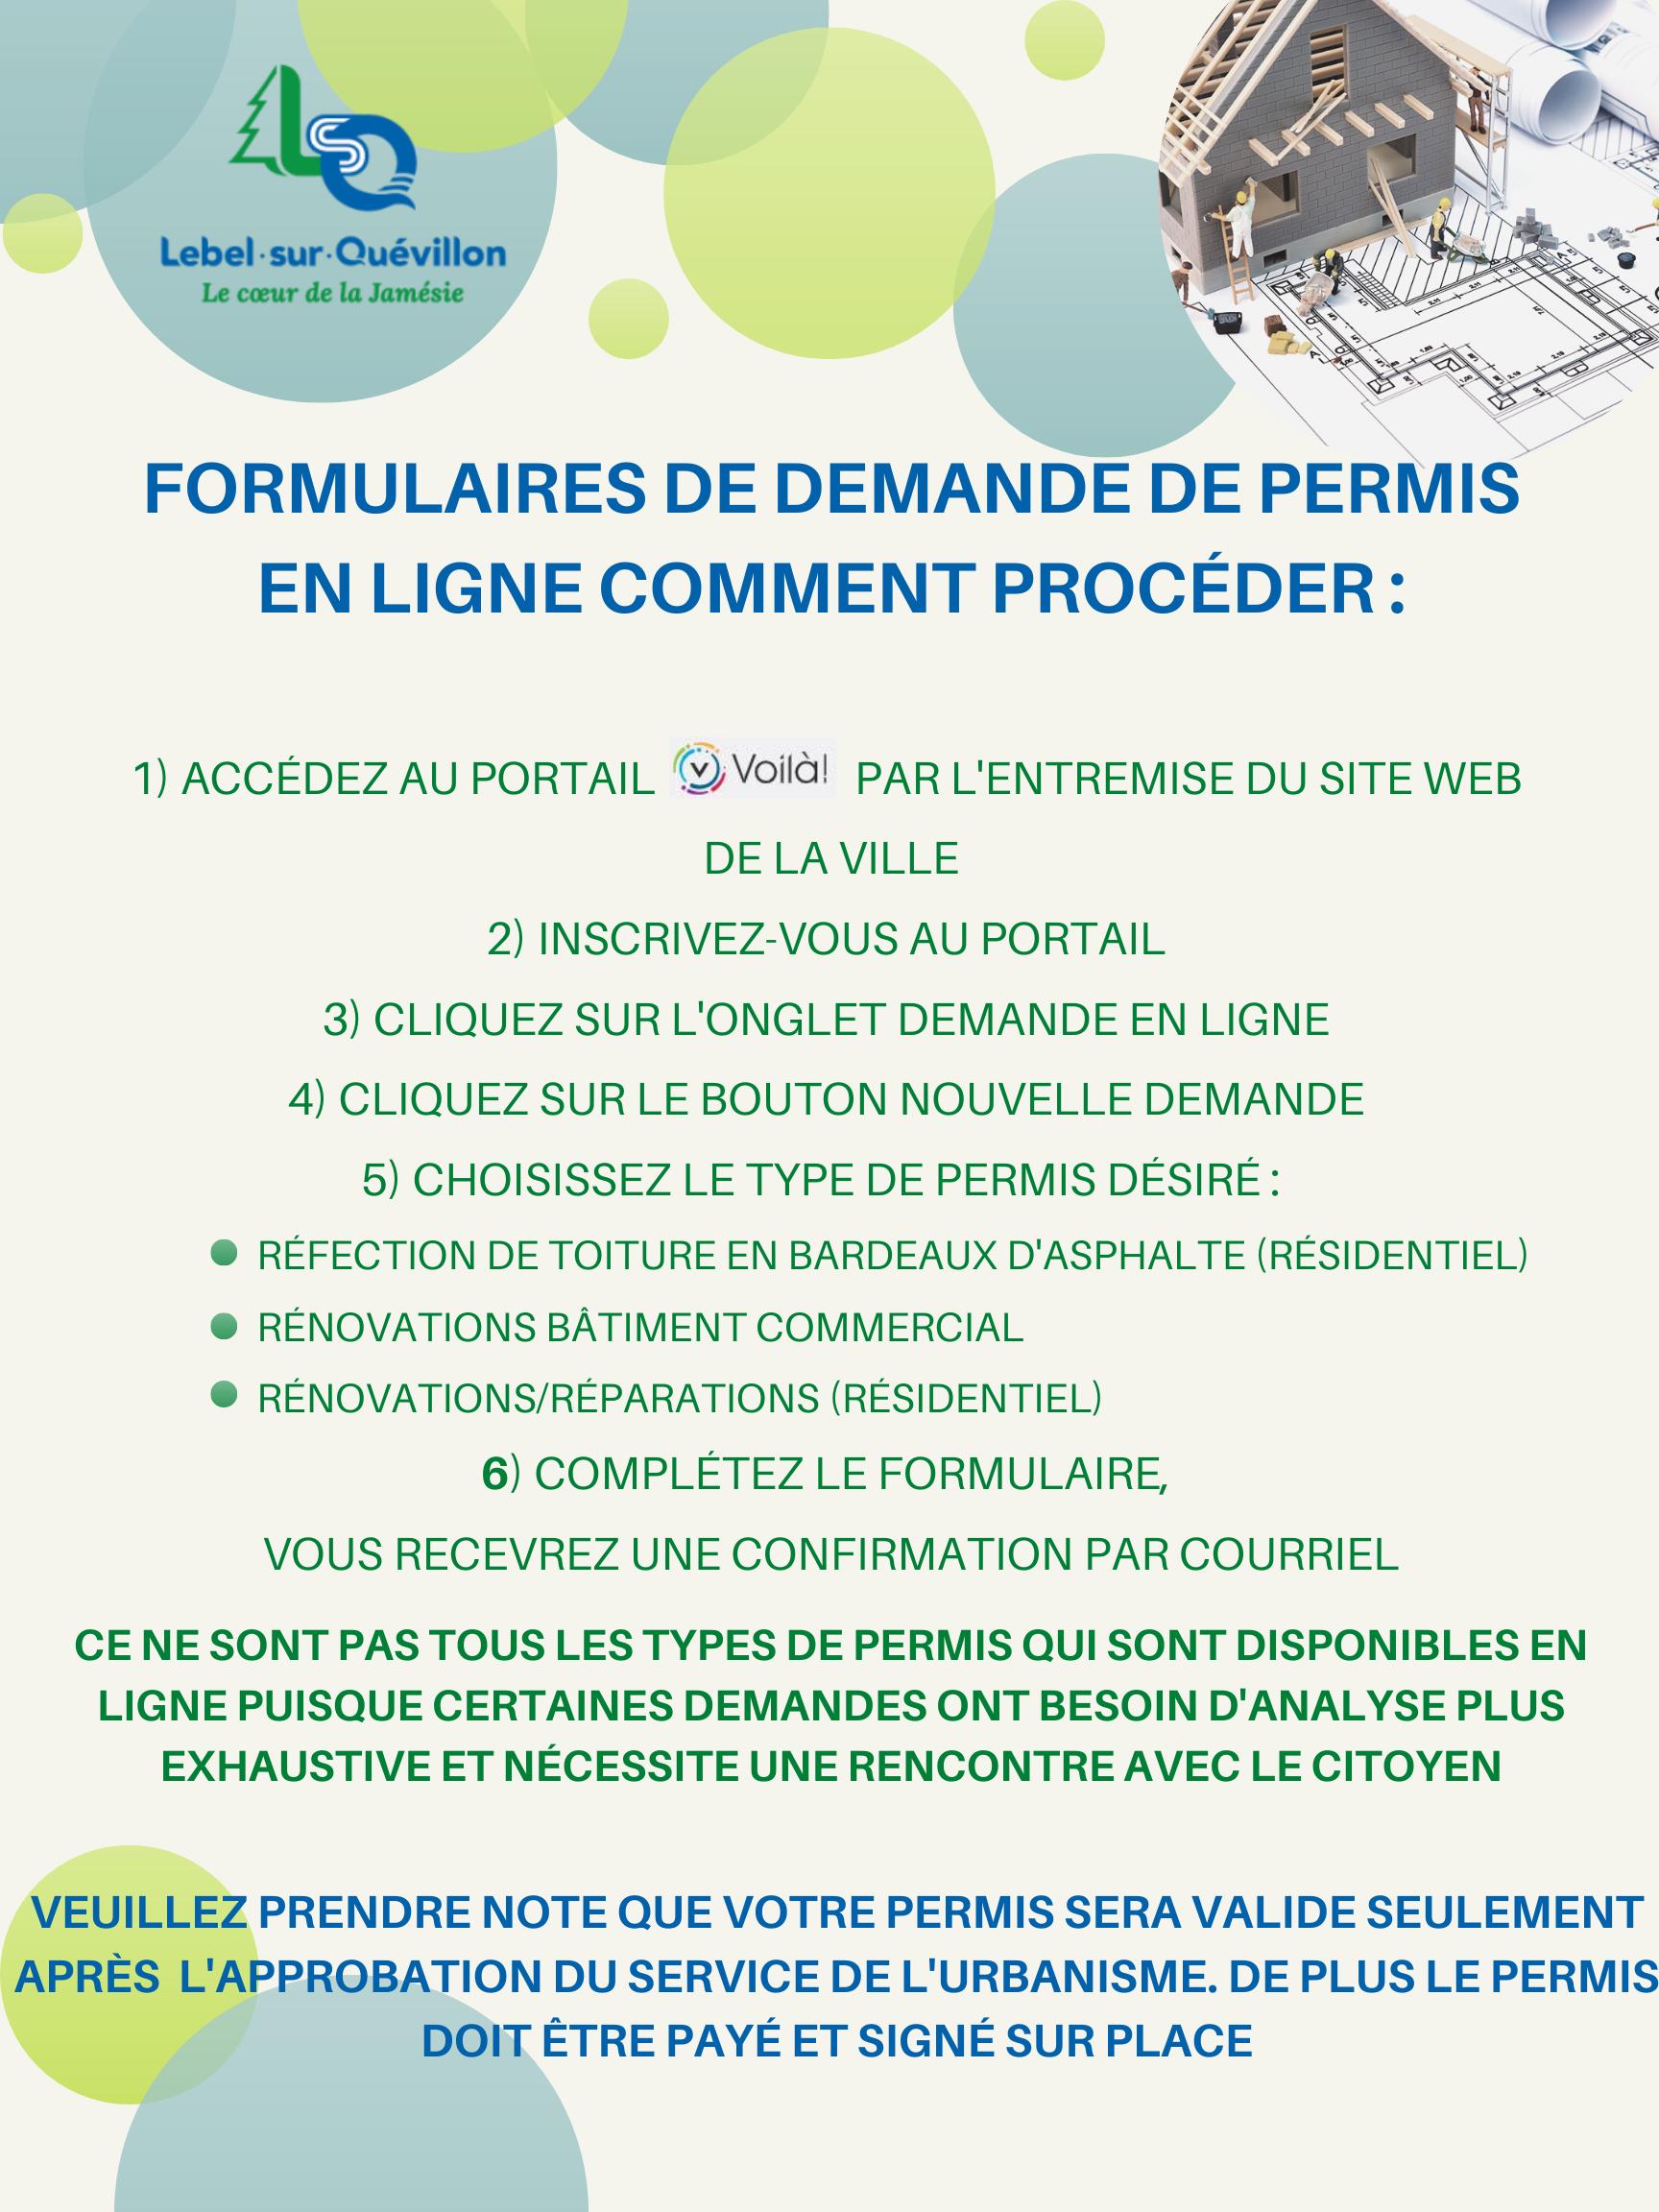 Les formulaire de demande de permis en ligne sont maintenant disponible! (1) (1728x2304)